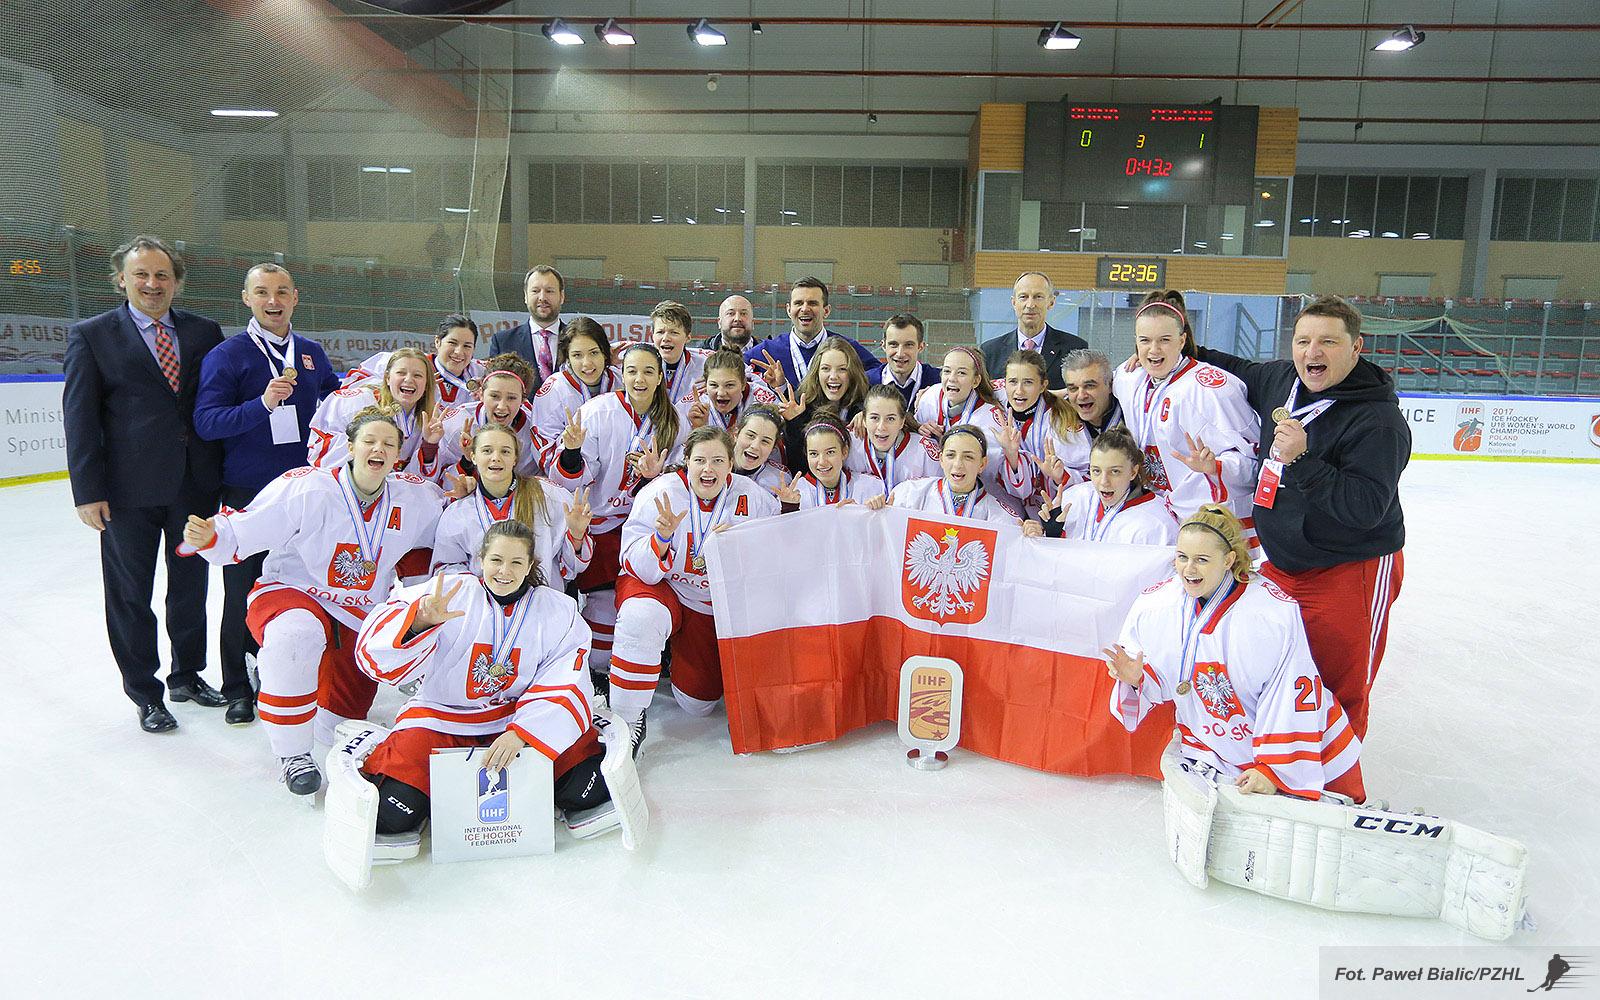 Zawodniczki hokeja w barwach narodowych z flagą, pozują na tafli lodu